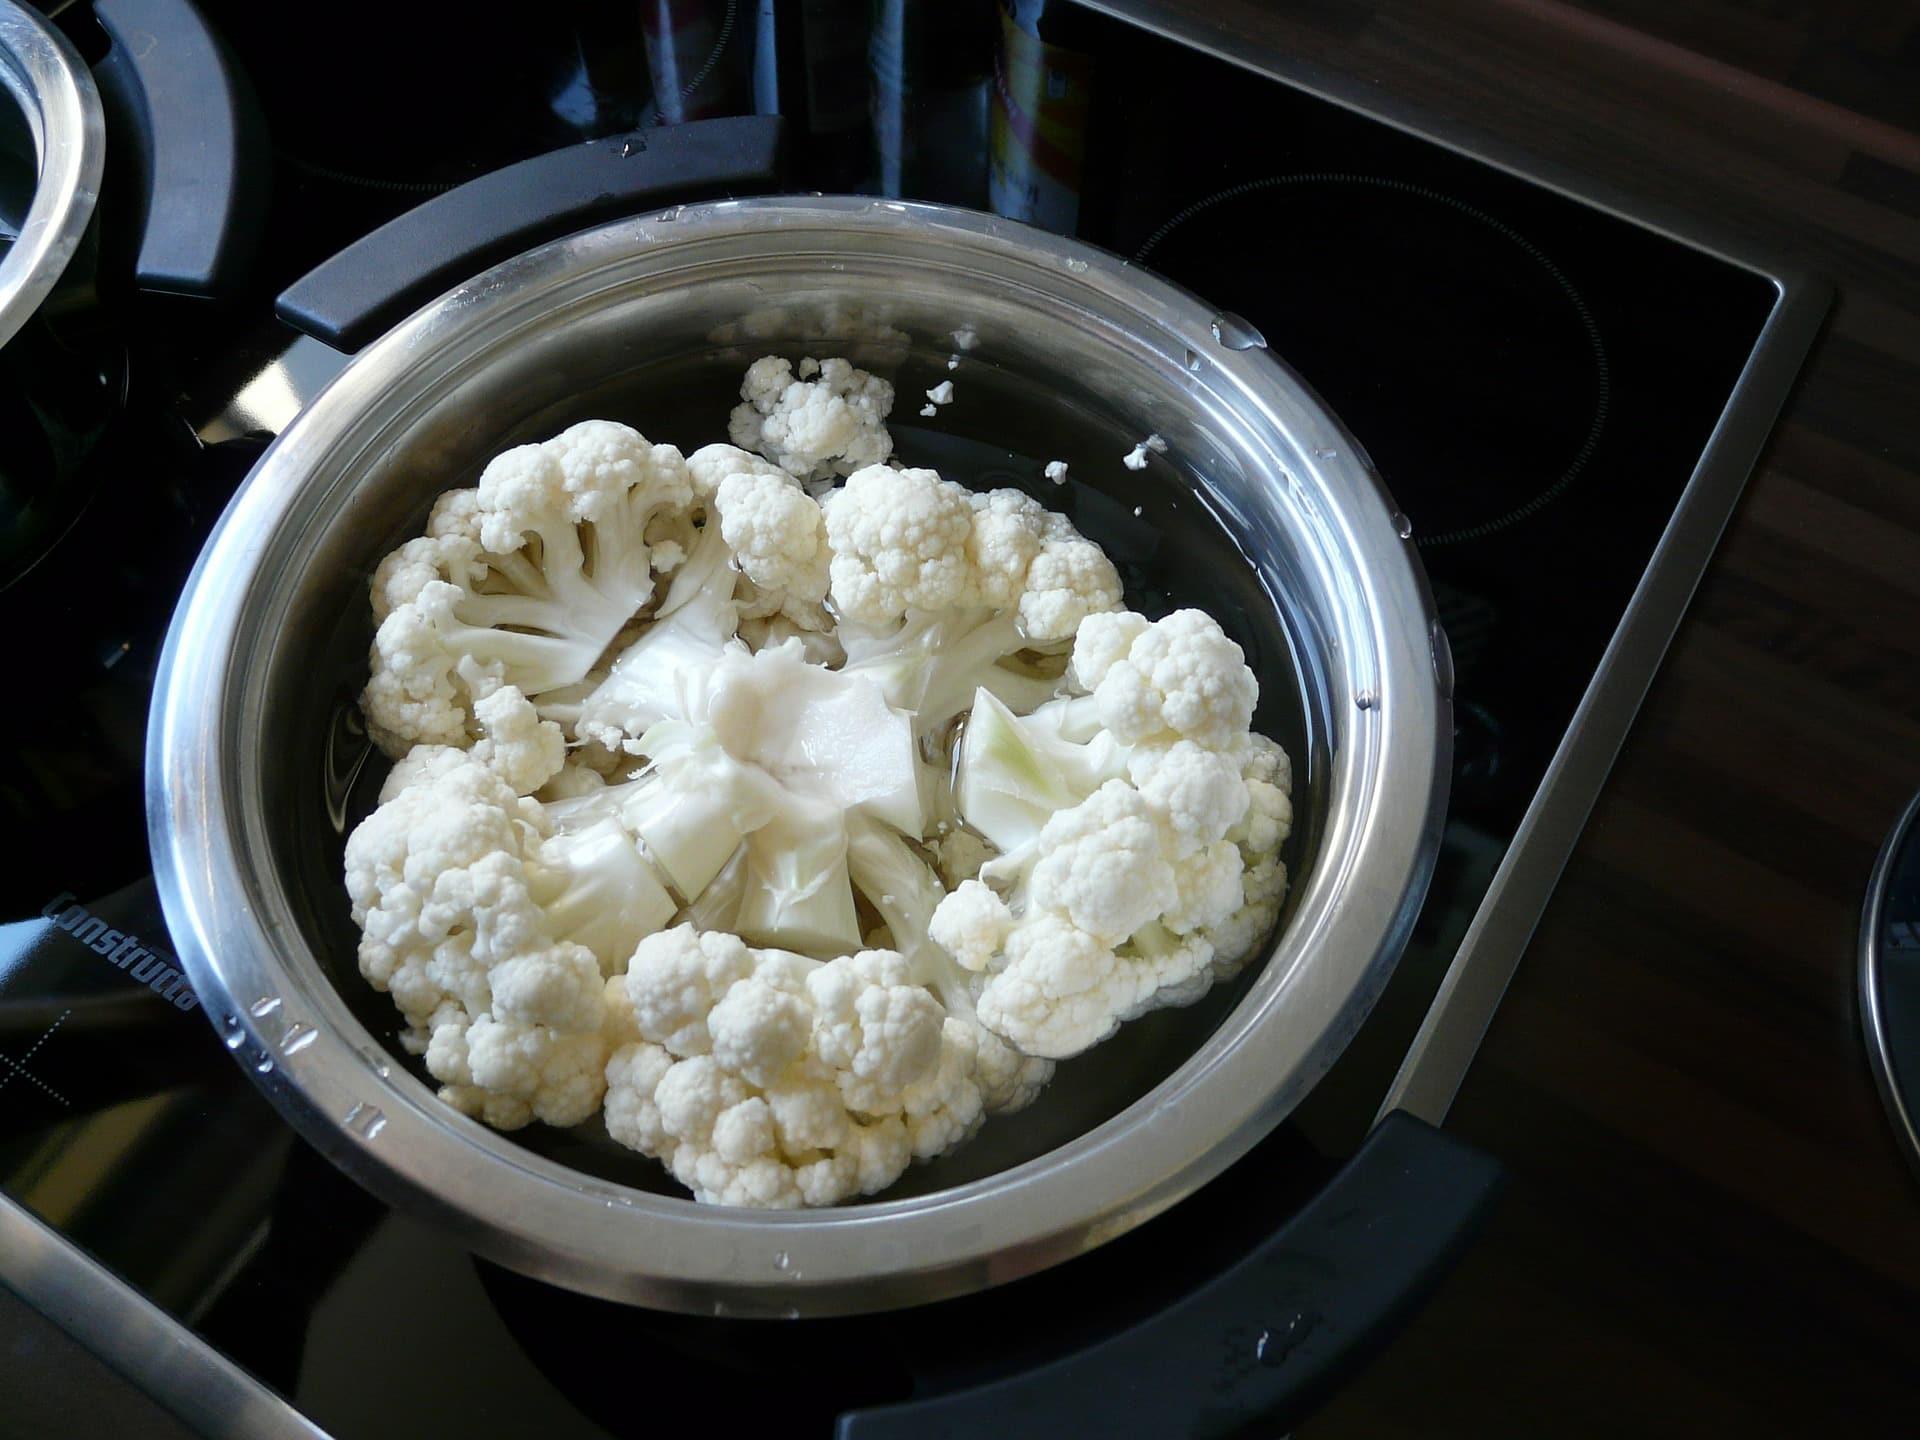 По запаху поняла, что соседка готовит цветную капусту на ужин, пришла дать ей парочку советов Советы,Брокколи,Готовка,Еда,Здоровье,Капуста,Кухня,Питание